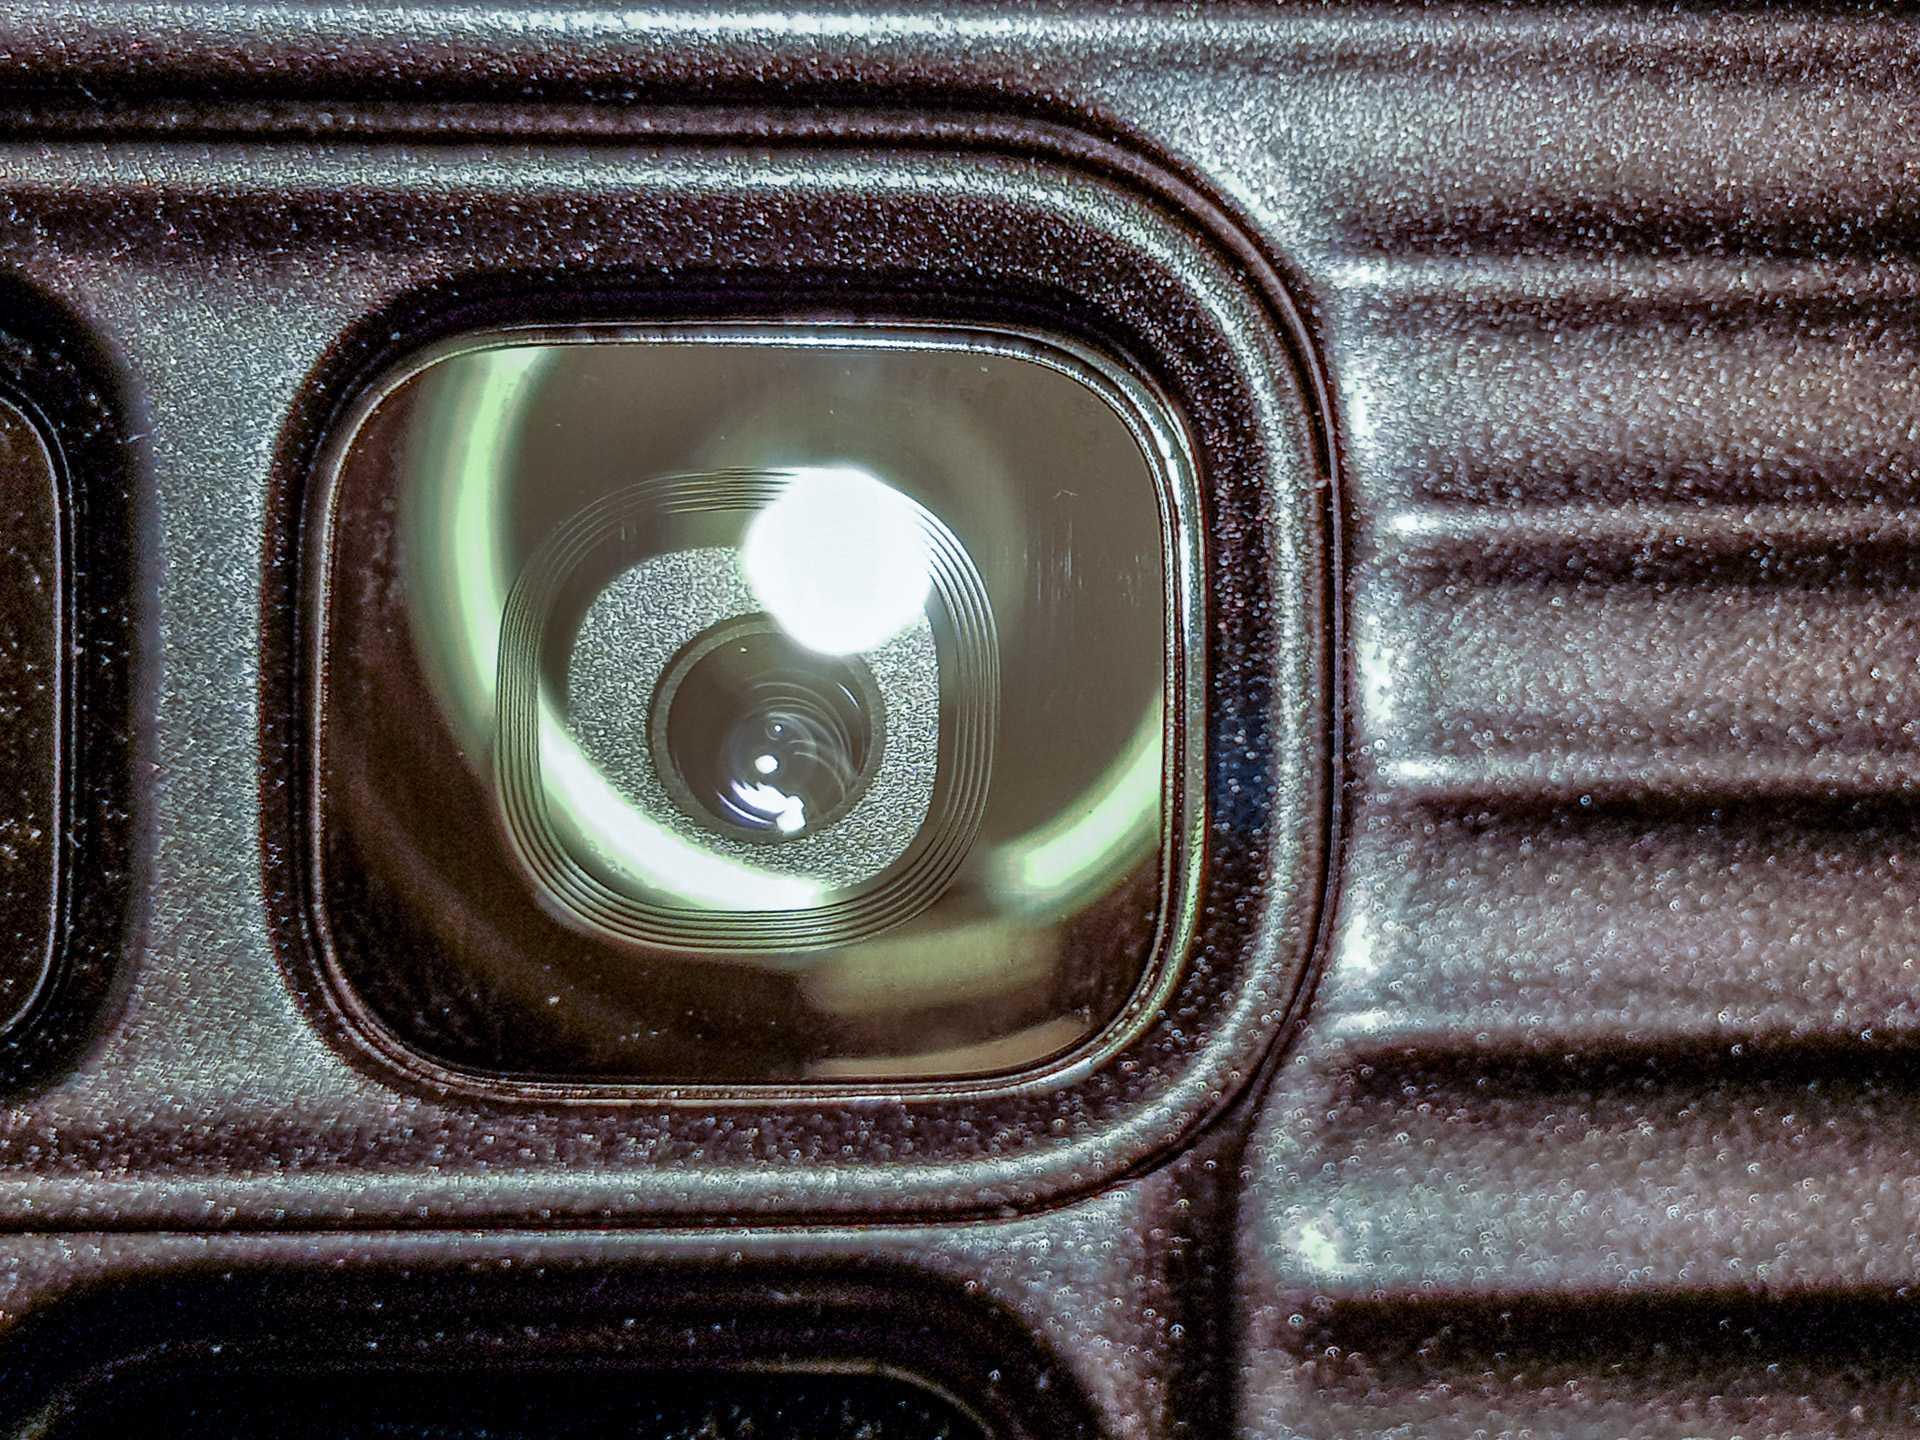 Die verstellbare Blende ist tatsächlich mechanisch ausgeführt. Hier die S9-Kamera mit f/2,4, ...